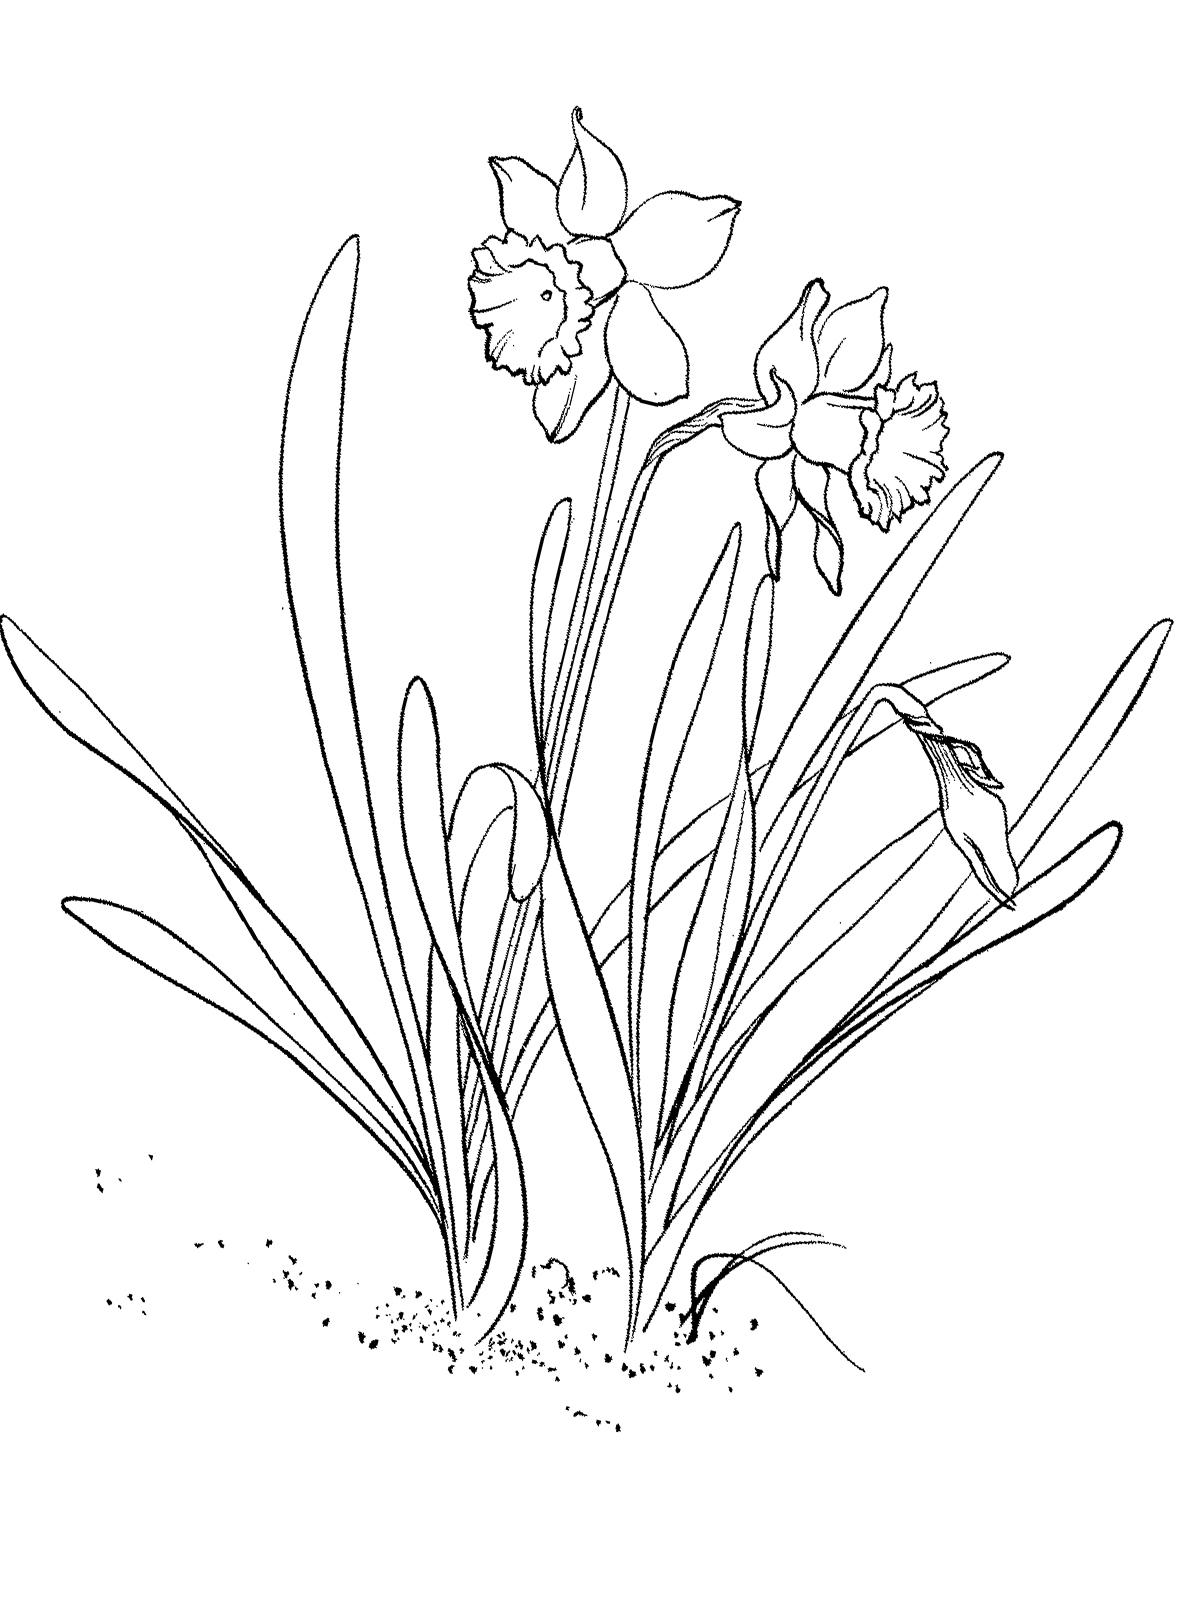 Ausmalbilder, Malvorlagen von Frühling kostenlos zum Ausdrucken